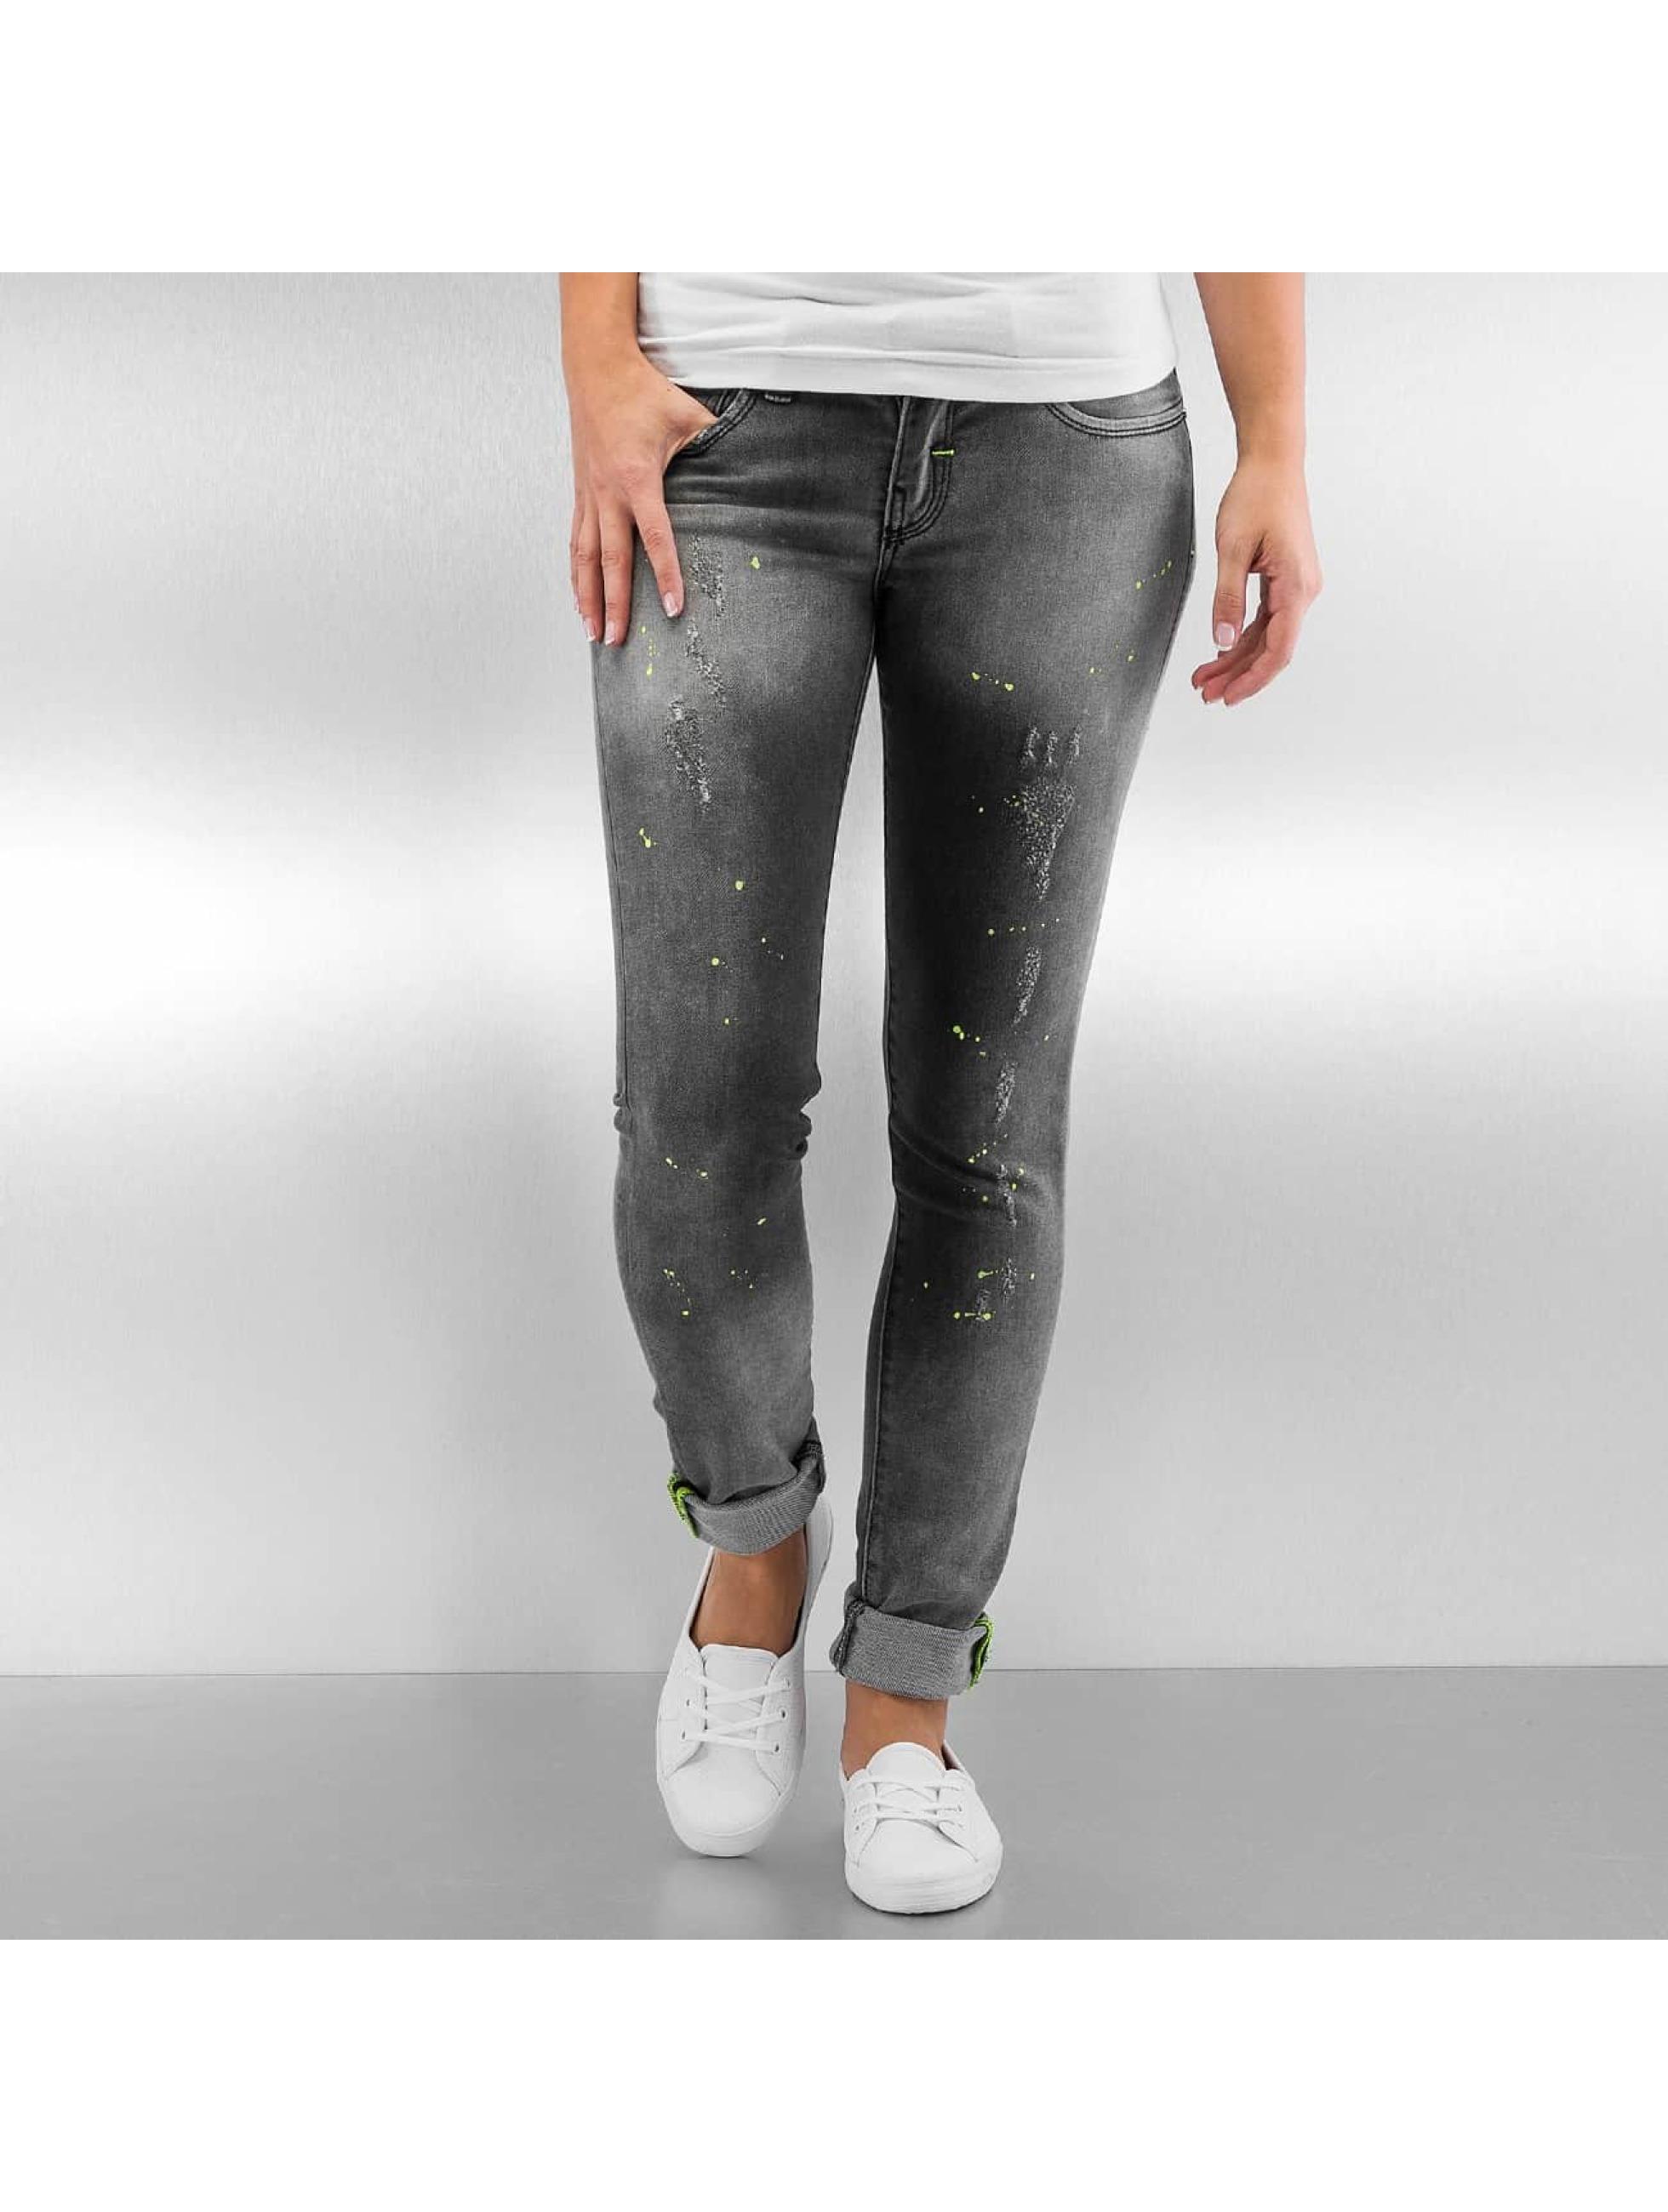 Pascucci Облегающие джинсы B-Jogg черный